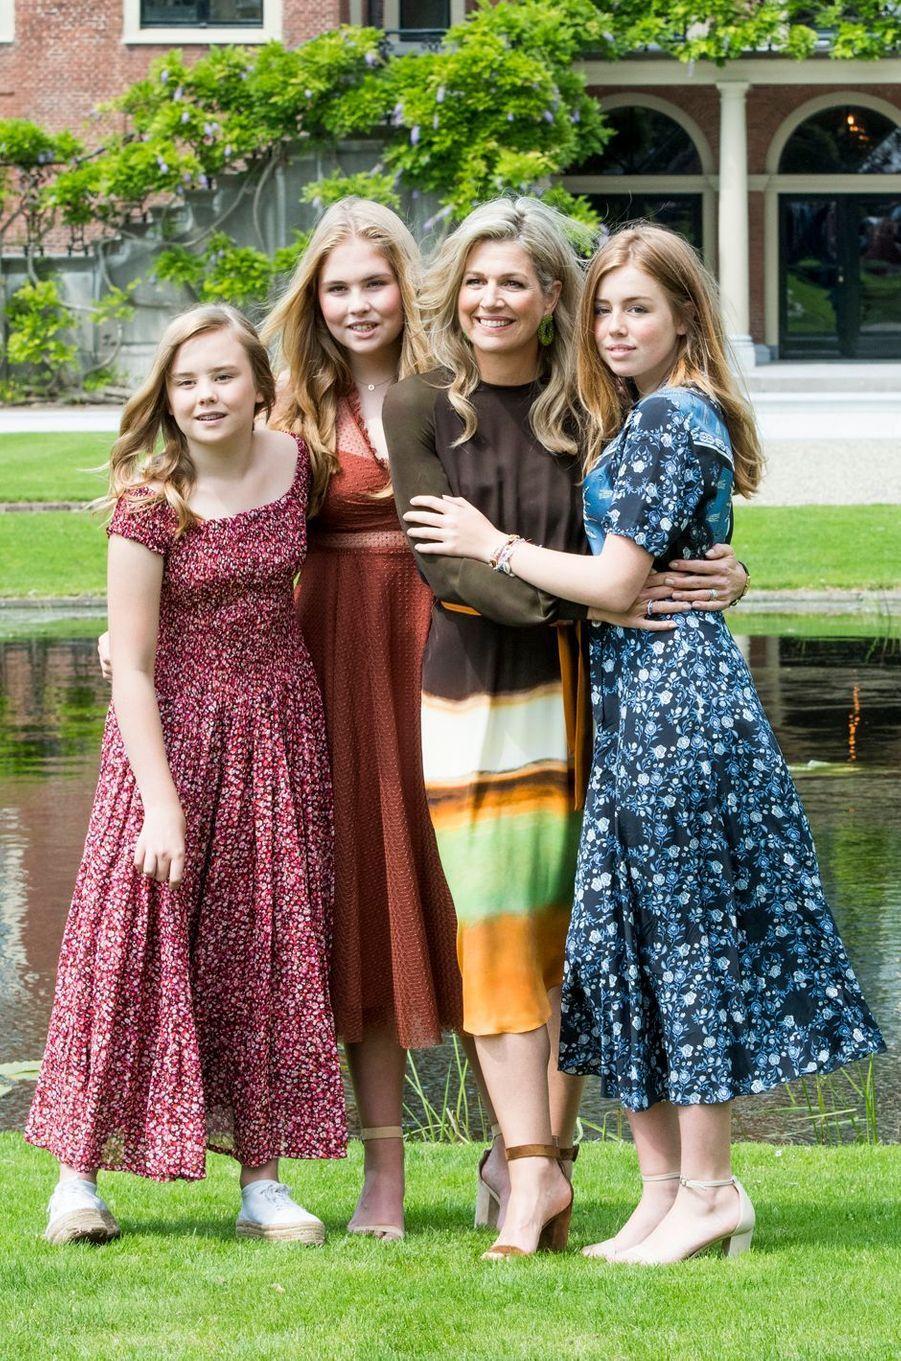 La reine Maxima des Pays-Bas entourée de ses trois filles, les princesses Ariane, Catharina-Amalia et Alexia, à La Haye le 19 juillet 2019